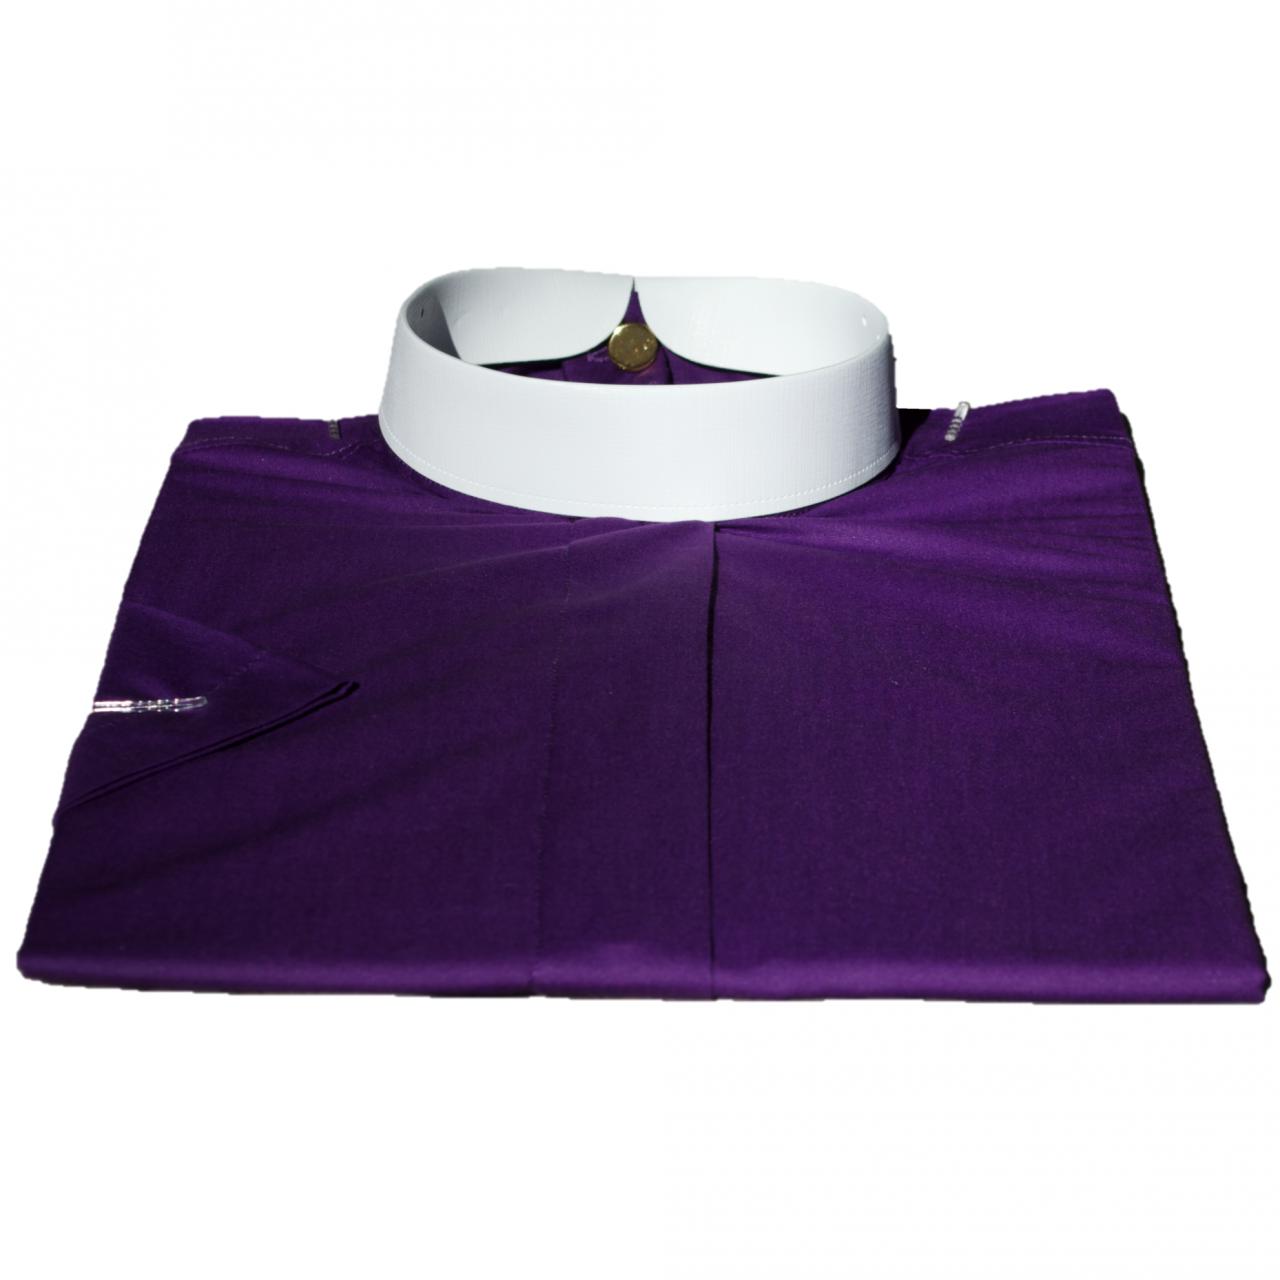 255. Men's Short-Sleeve (Banded) Full-Collar Clergy Shirt - Purple